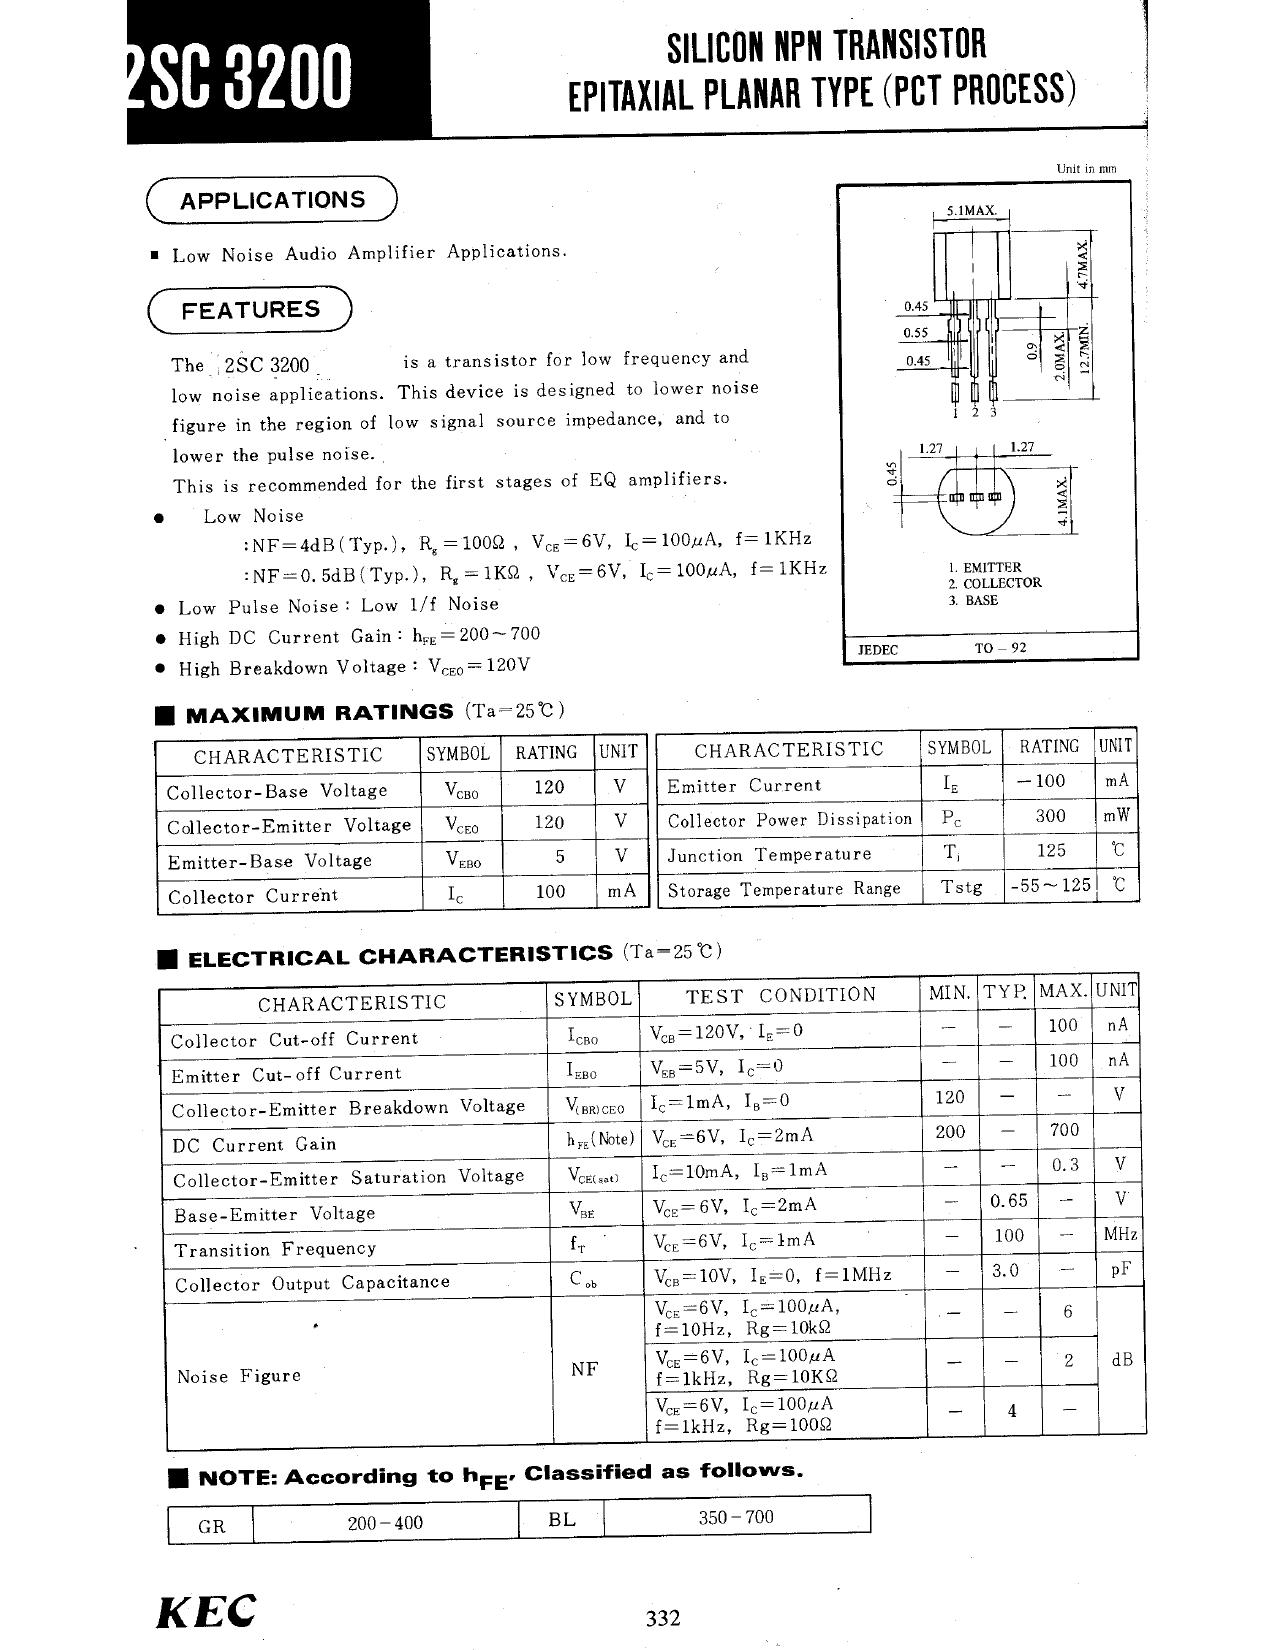 Digikeycomau DigiKey Electronics  Electronic